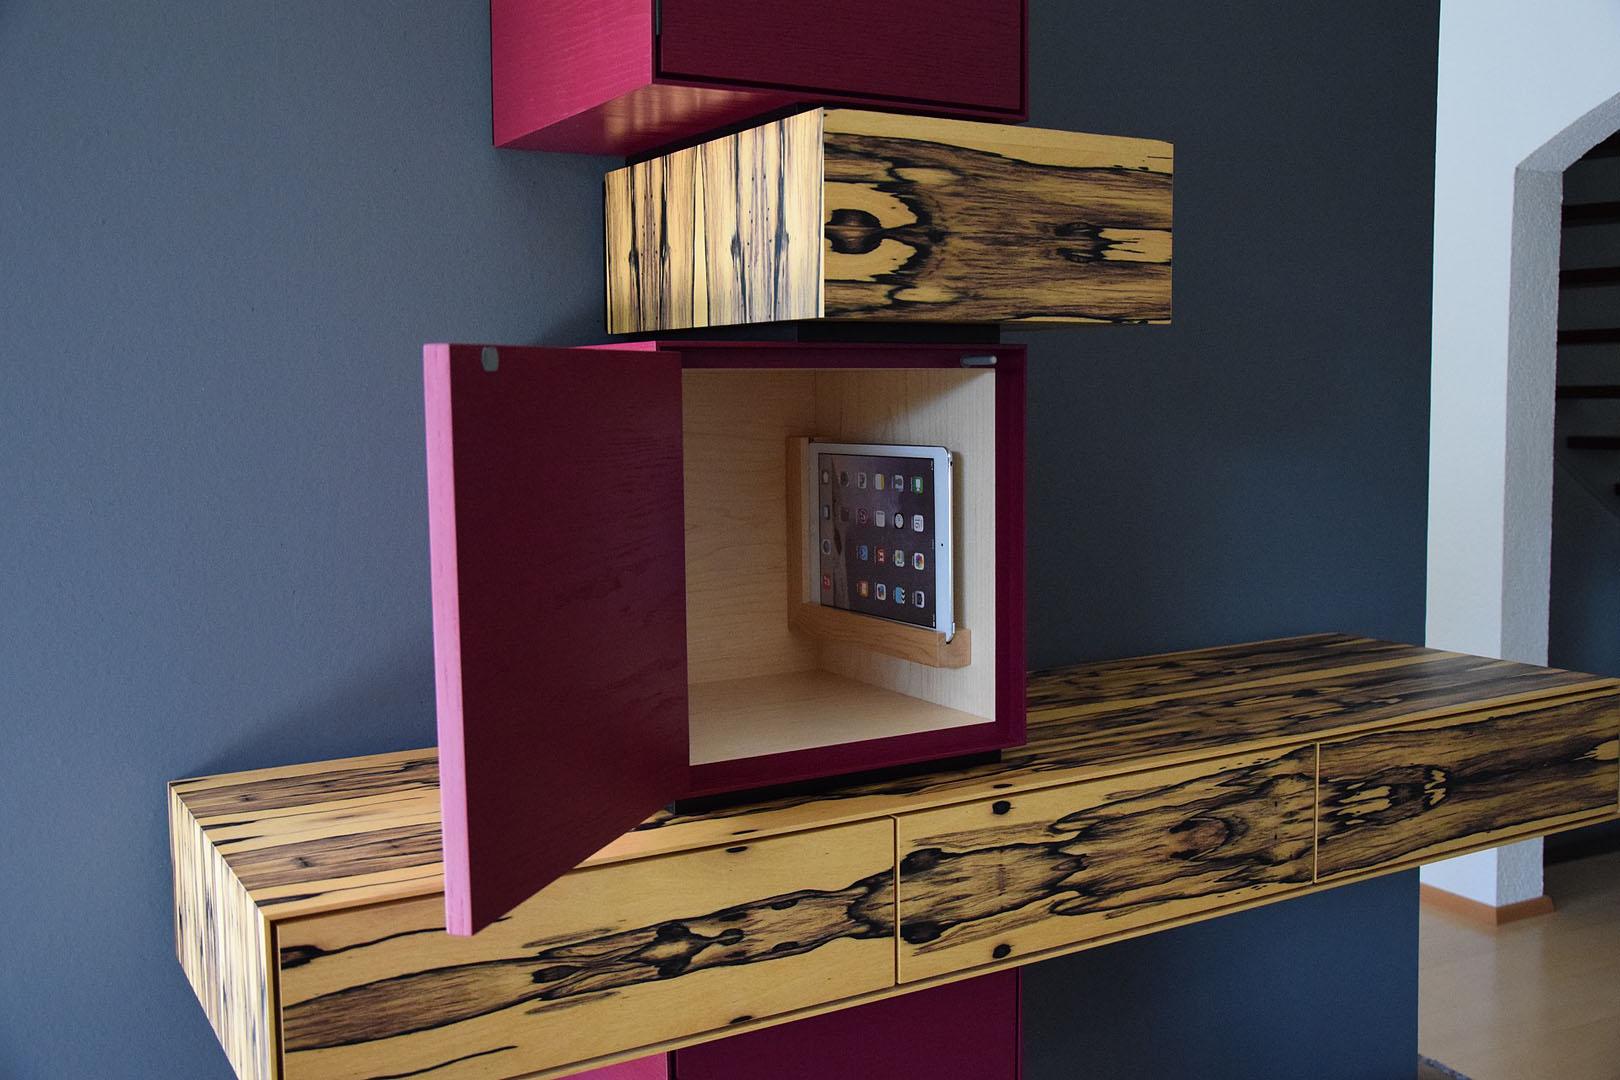 schreinerei julian grimm ideen mit holz der schreiner in fellbach flurm bel. Black Bedroom Furniture Sets. Home Design Ideas